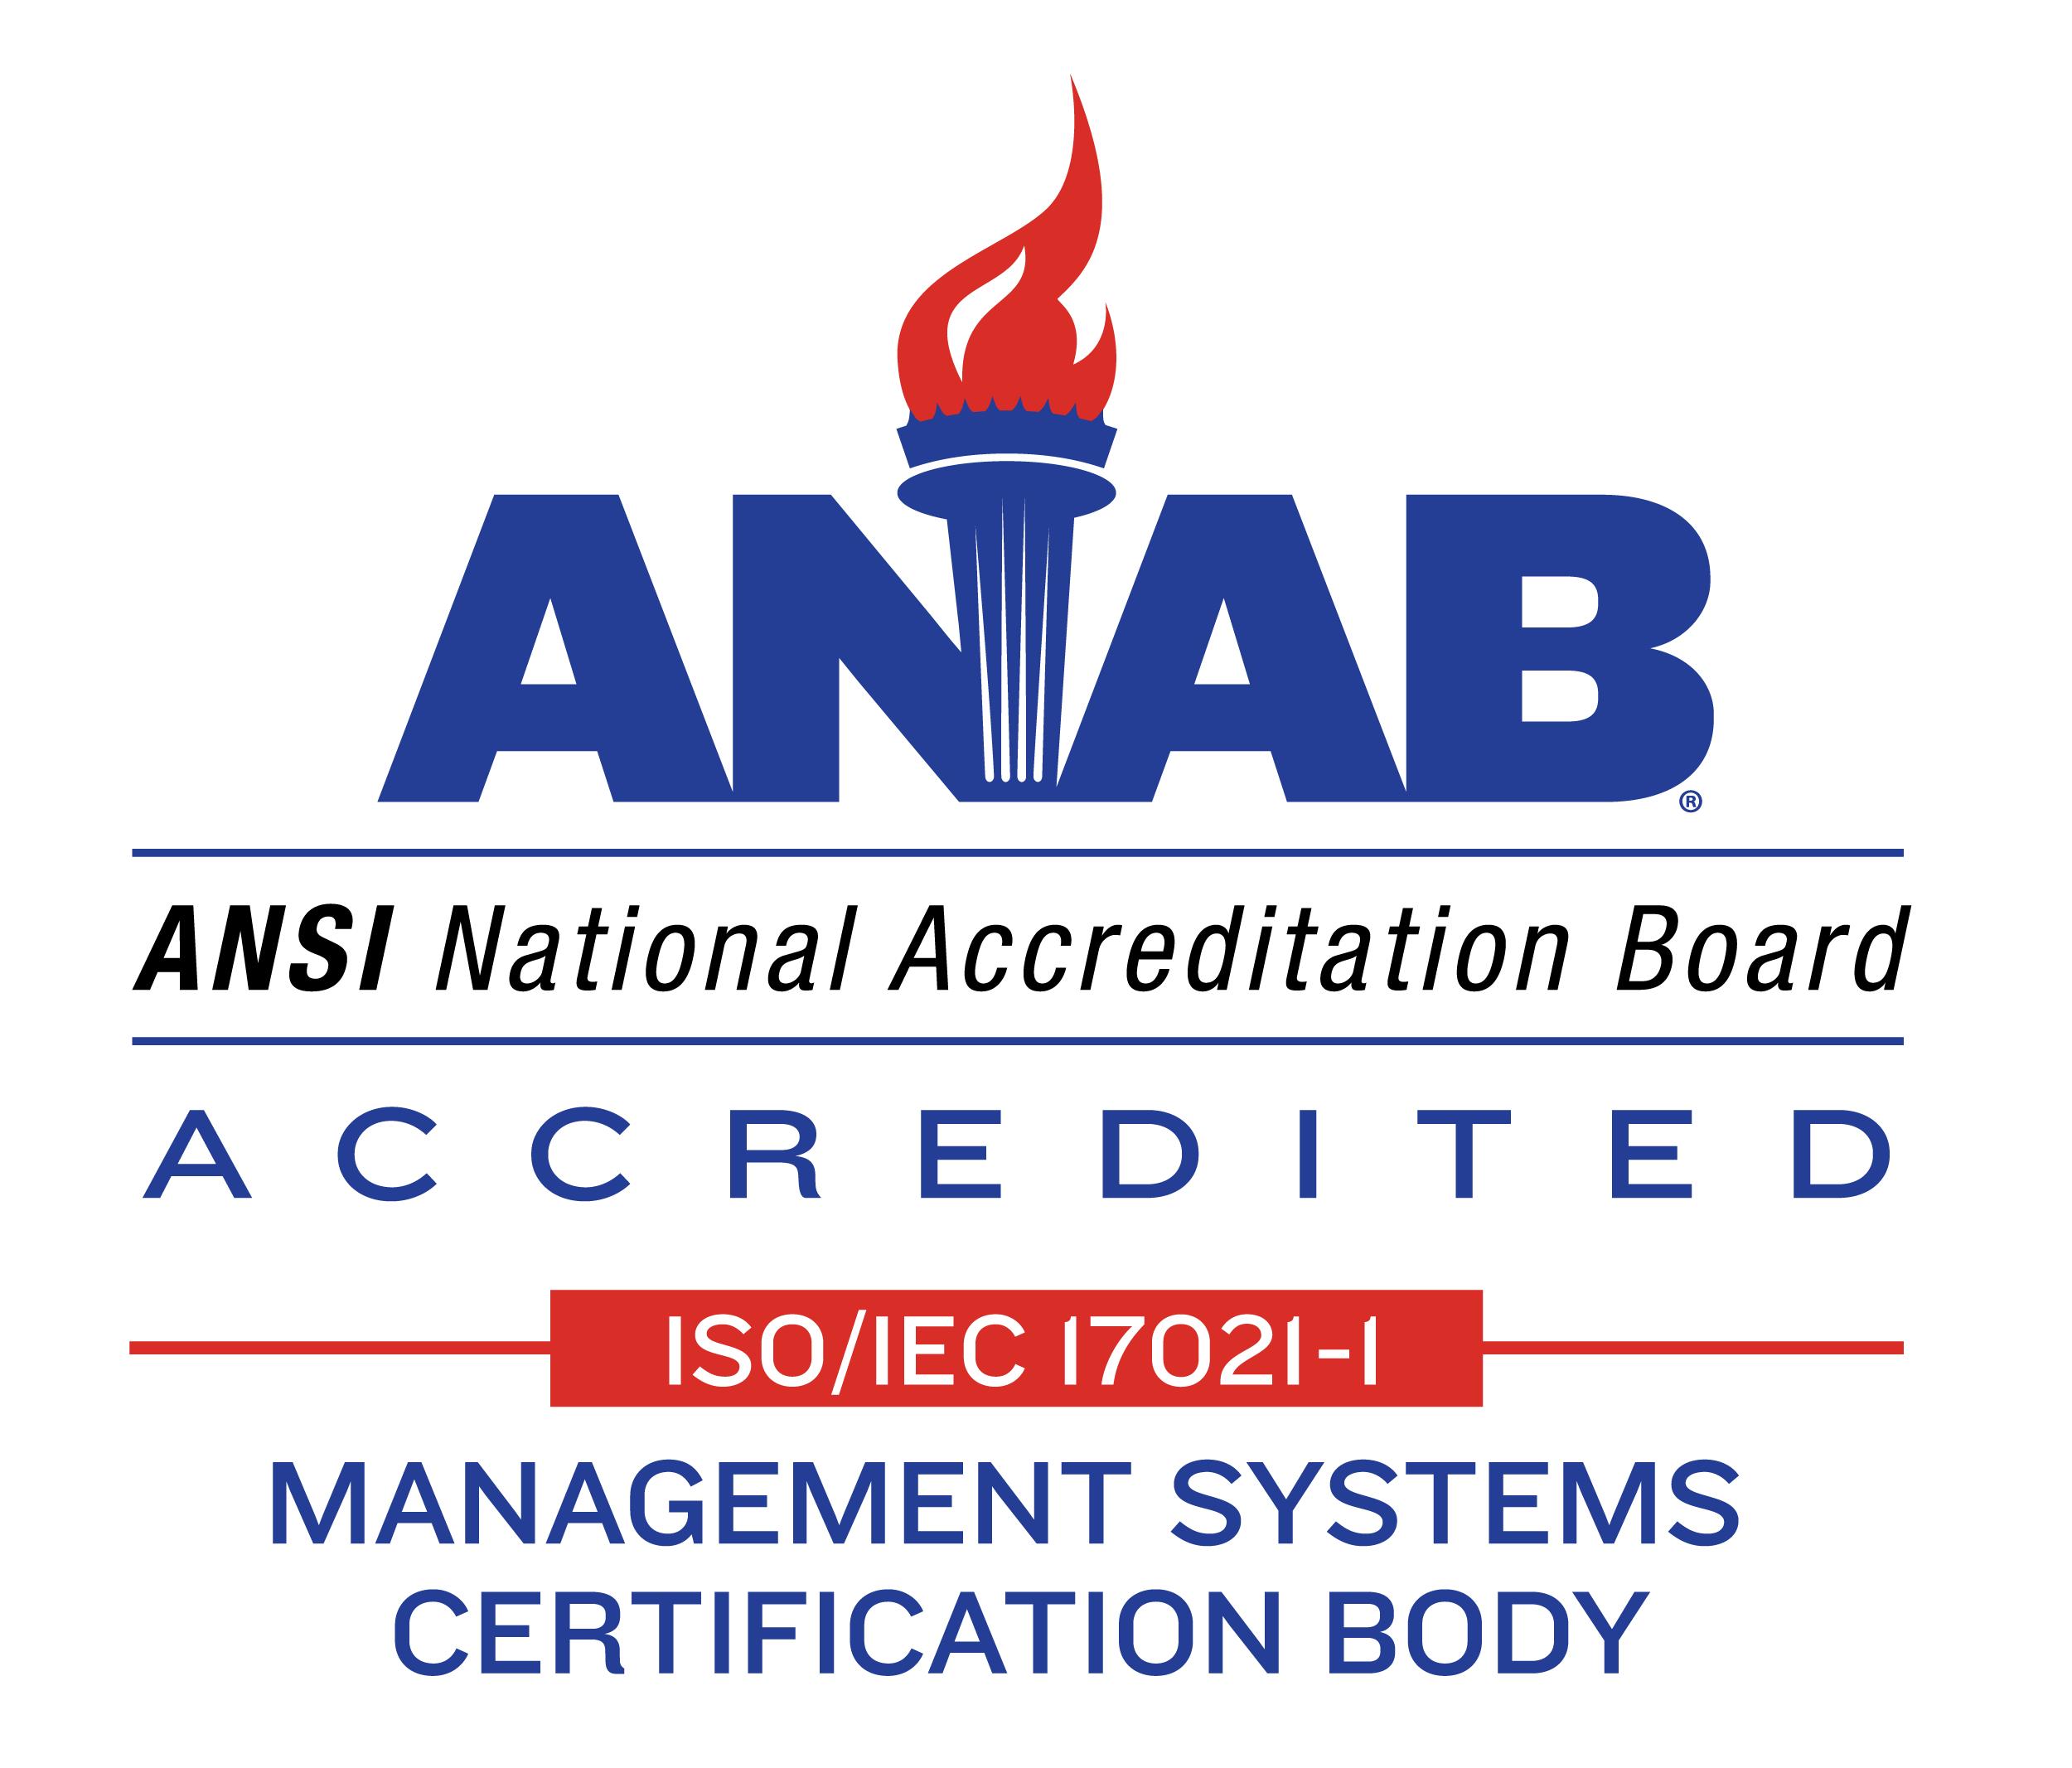 ANAB Symbol RGB 17021-1 MS CB White Bkgr